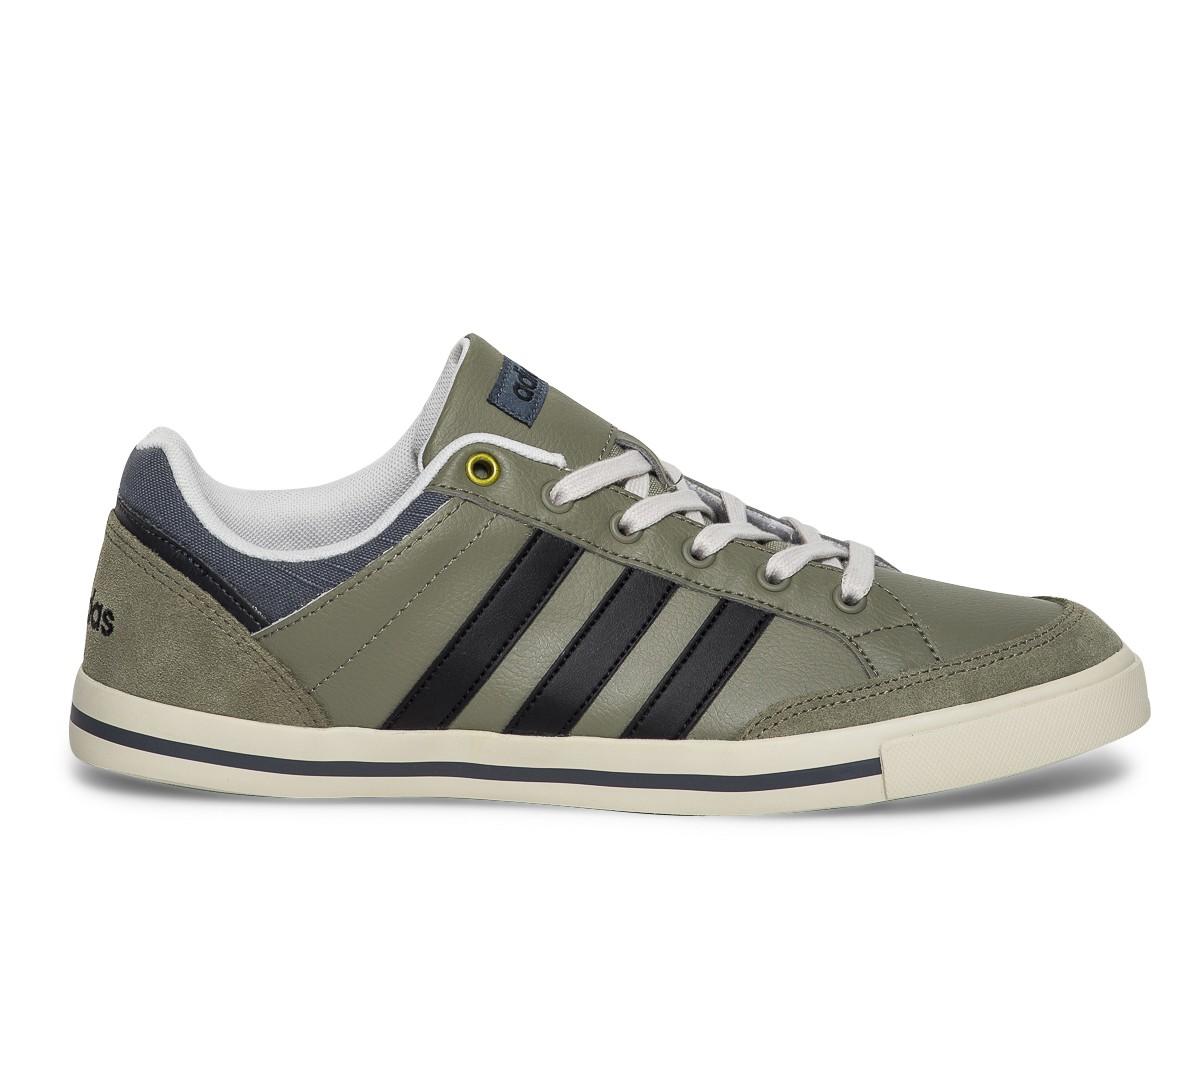 3c1535ecd1e Acheter Le chaussure adidas cuir homme le moins cher sur France ...